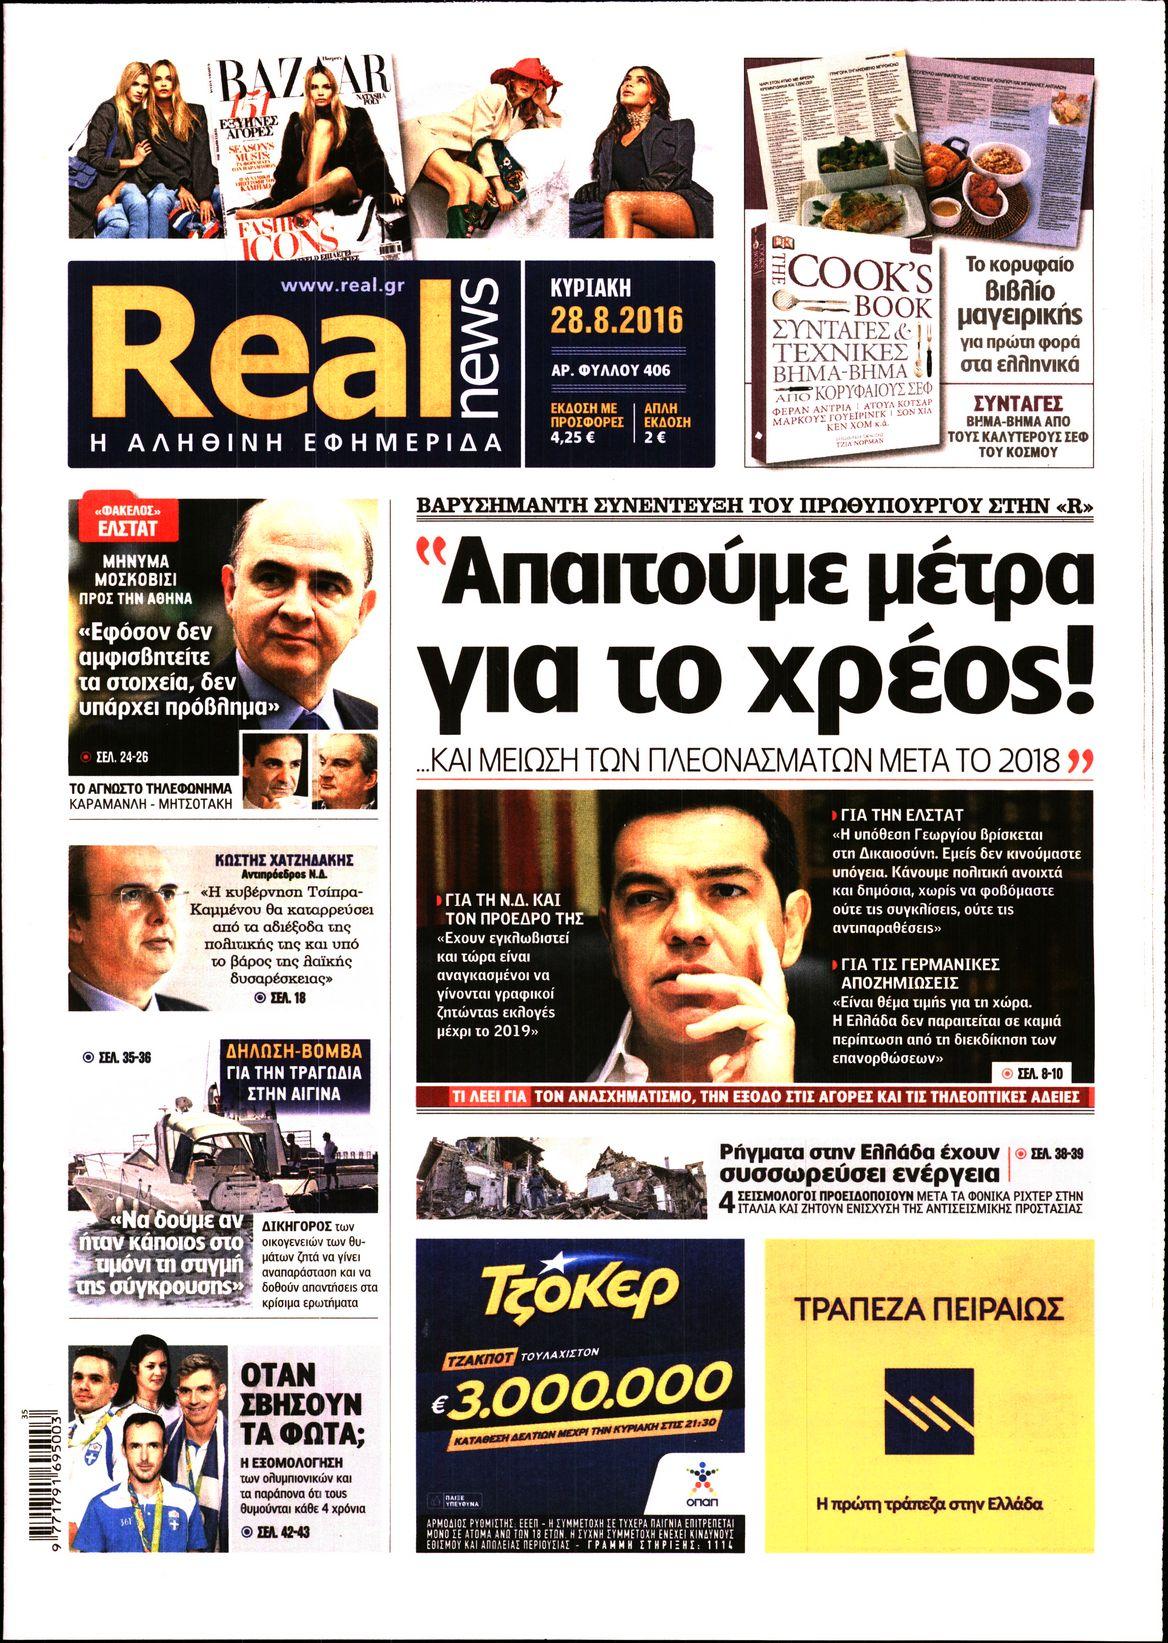 Η Συνέντευξη του Τσίπρα στην #REAL @NChatzinikolaou για Χρέος-Καραμανλή-Εκλογές-Γερμανικές Επανορθώσεις